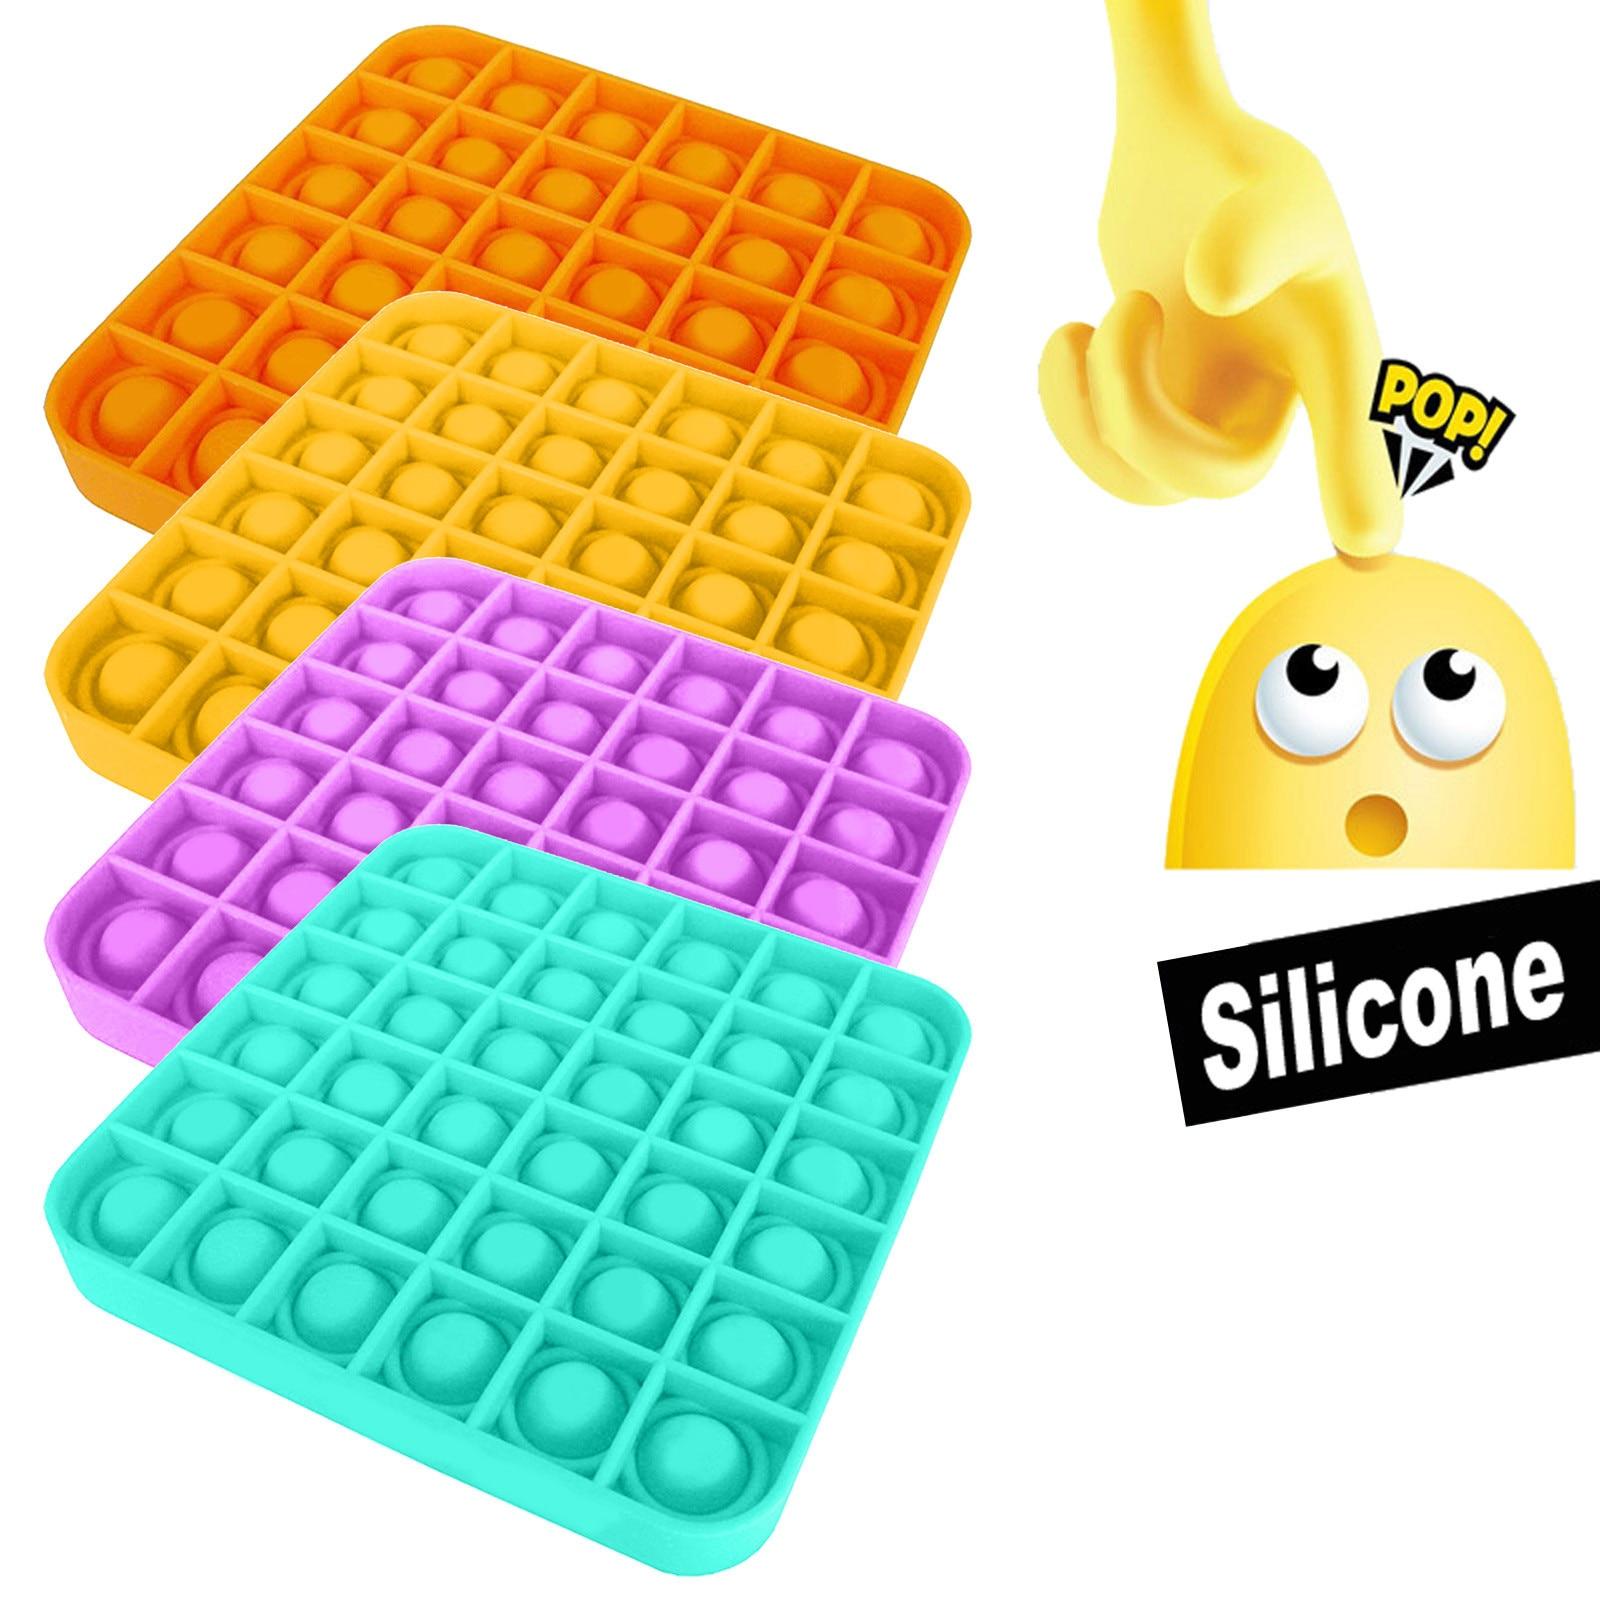 Игрушки антистрессовые в виде пузырьков, пишущие сенсорные игрушки-антистресс, Настольная головоломка, сжимаемые игрушки, смешные силикон...